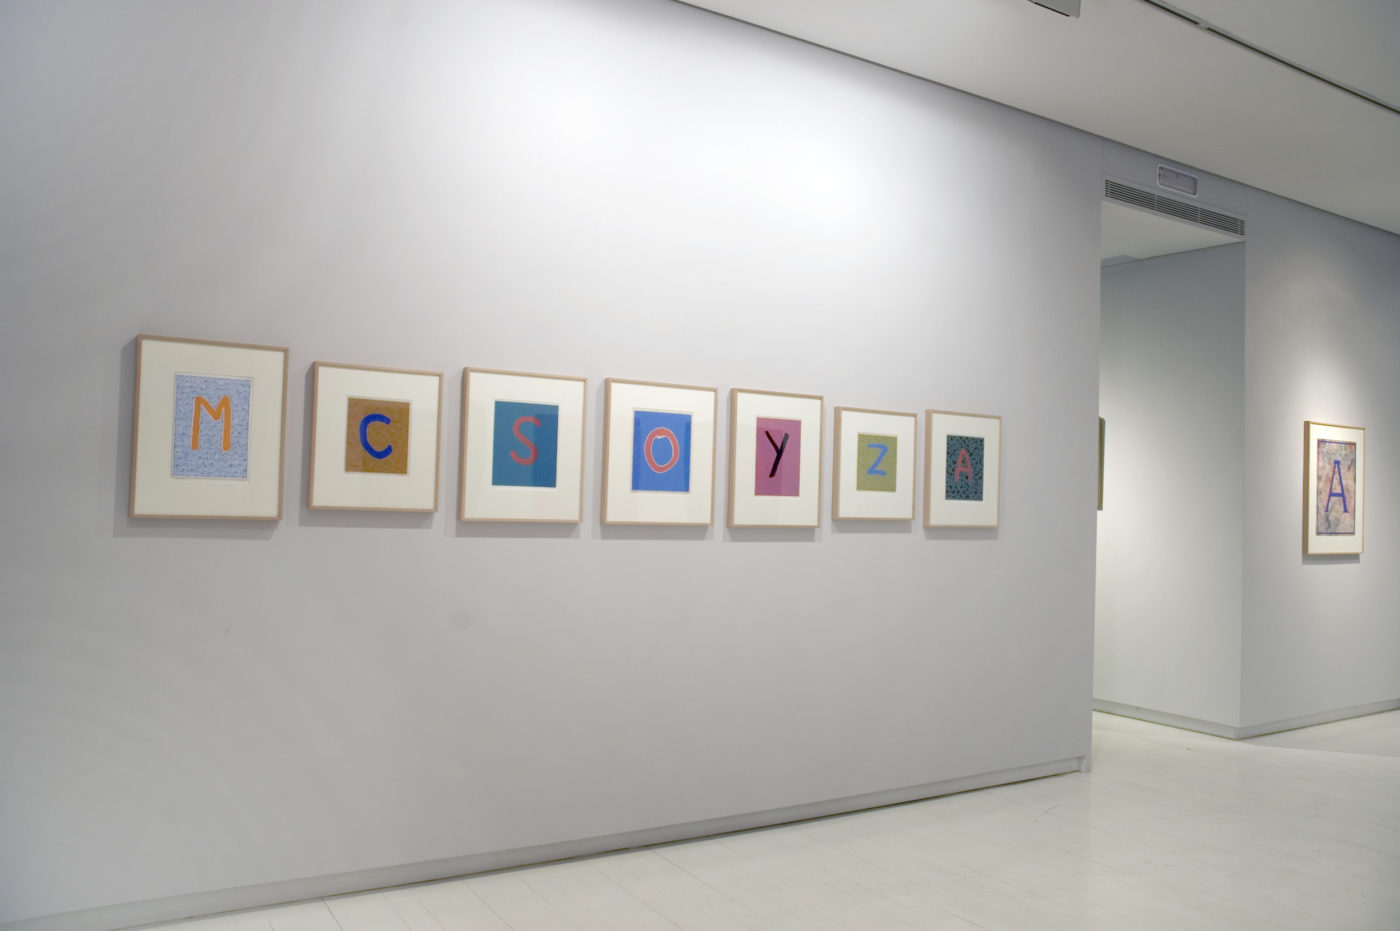 Alfredo Alcaín vistas de Exposición, 2011 Galería Elvira González